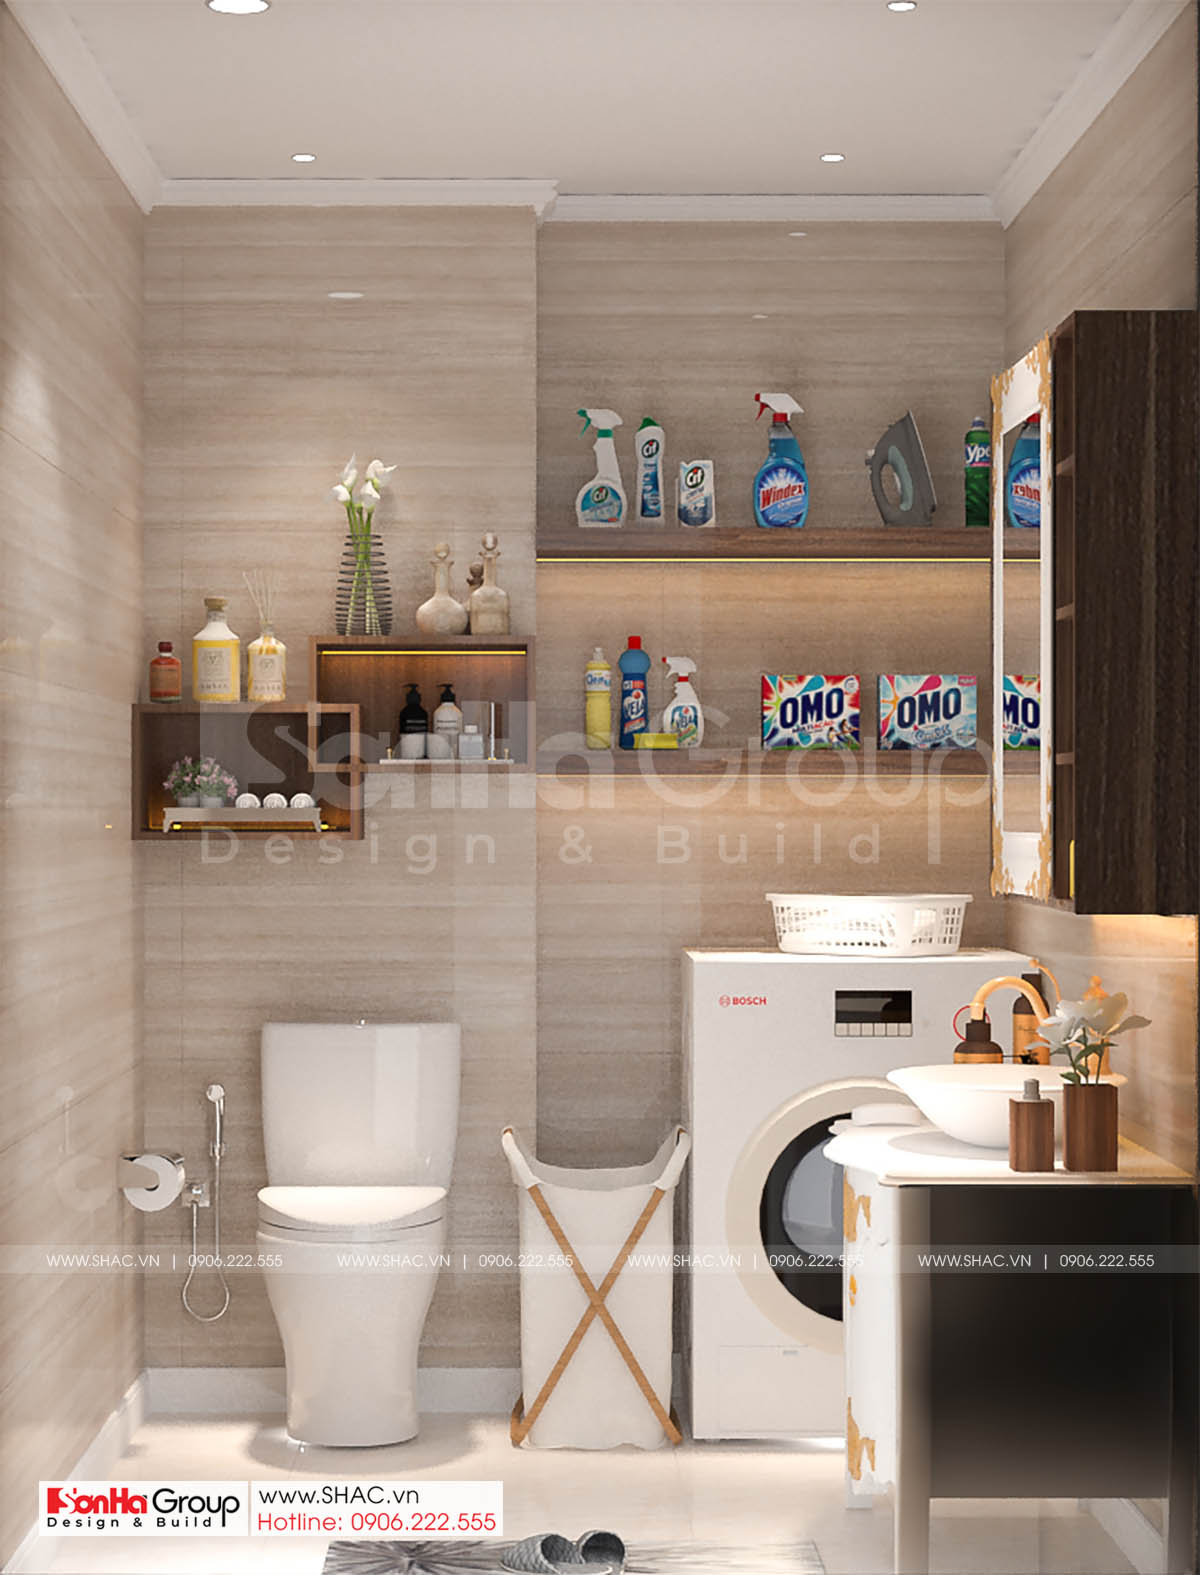 Gợi ý bày trí nội thất WC của thiết kế nhà ống diện tích 72m2 tại Hải Dương.